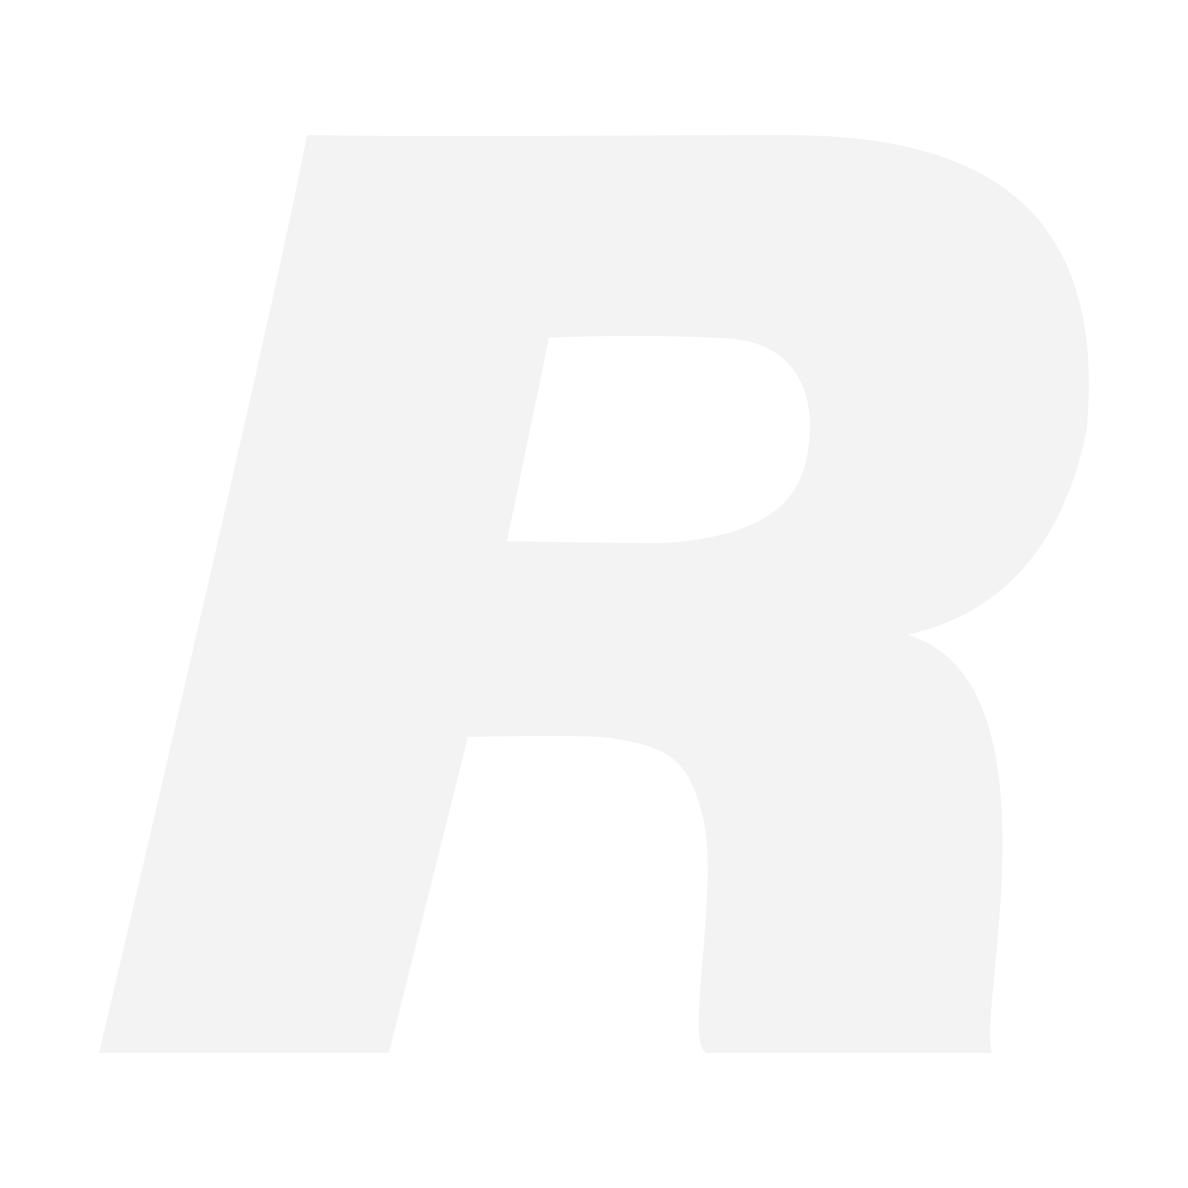 Sony Väska LCJ-RXF (till RX100, RX100 II, RX100 III)